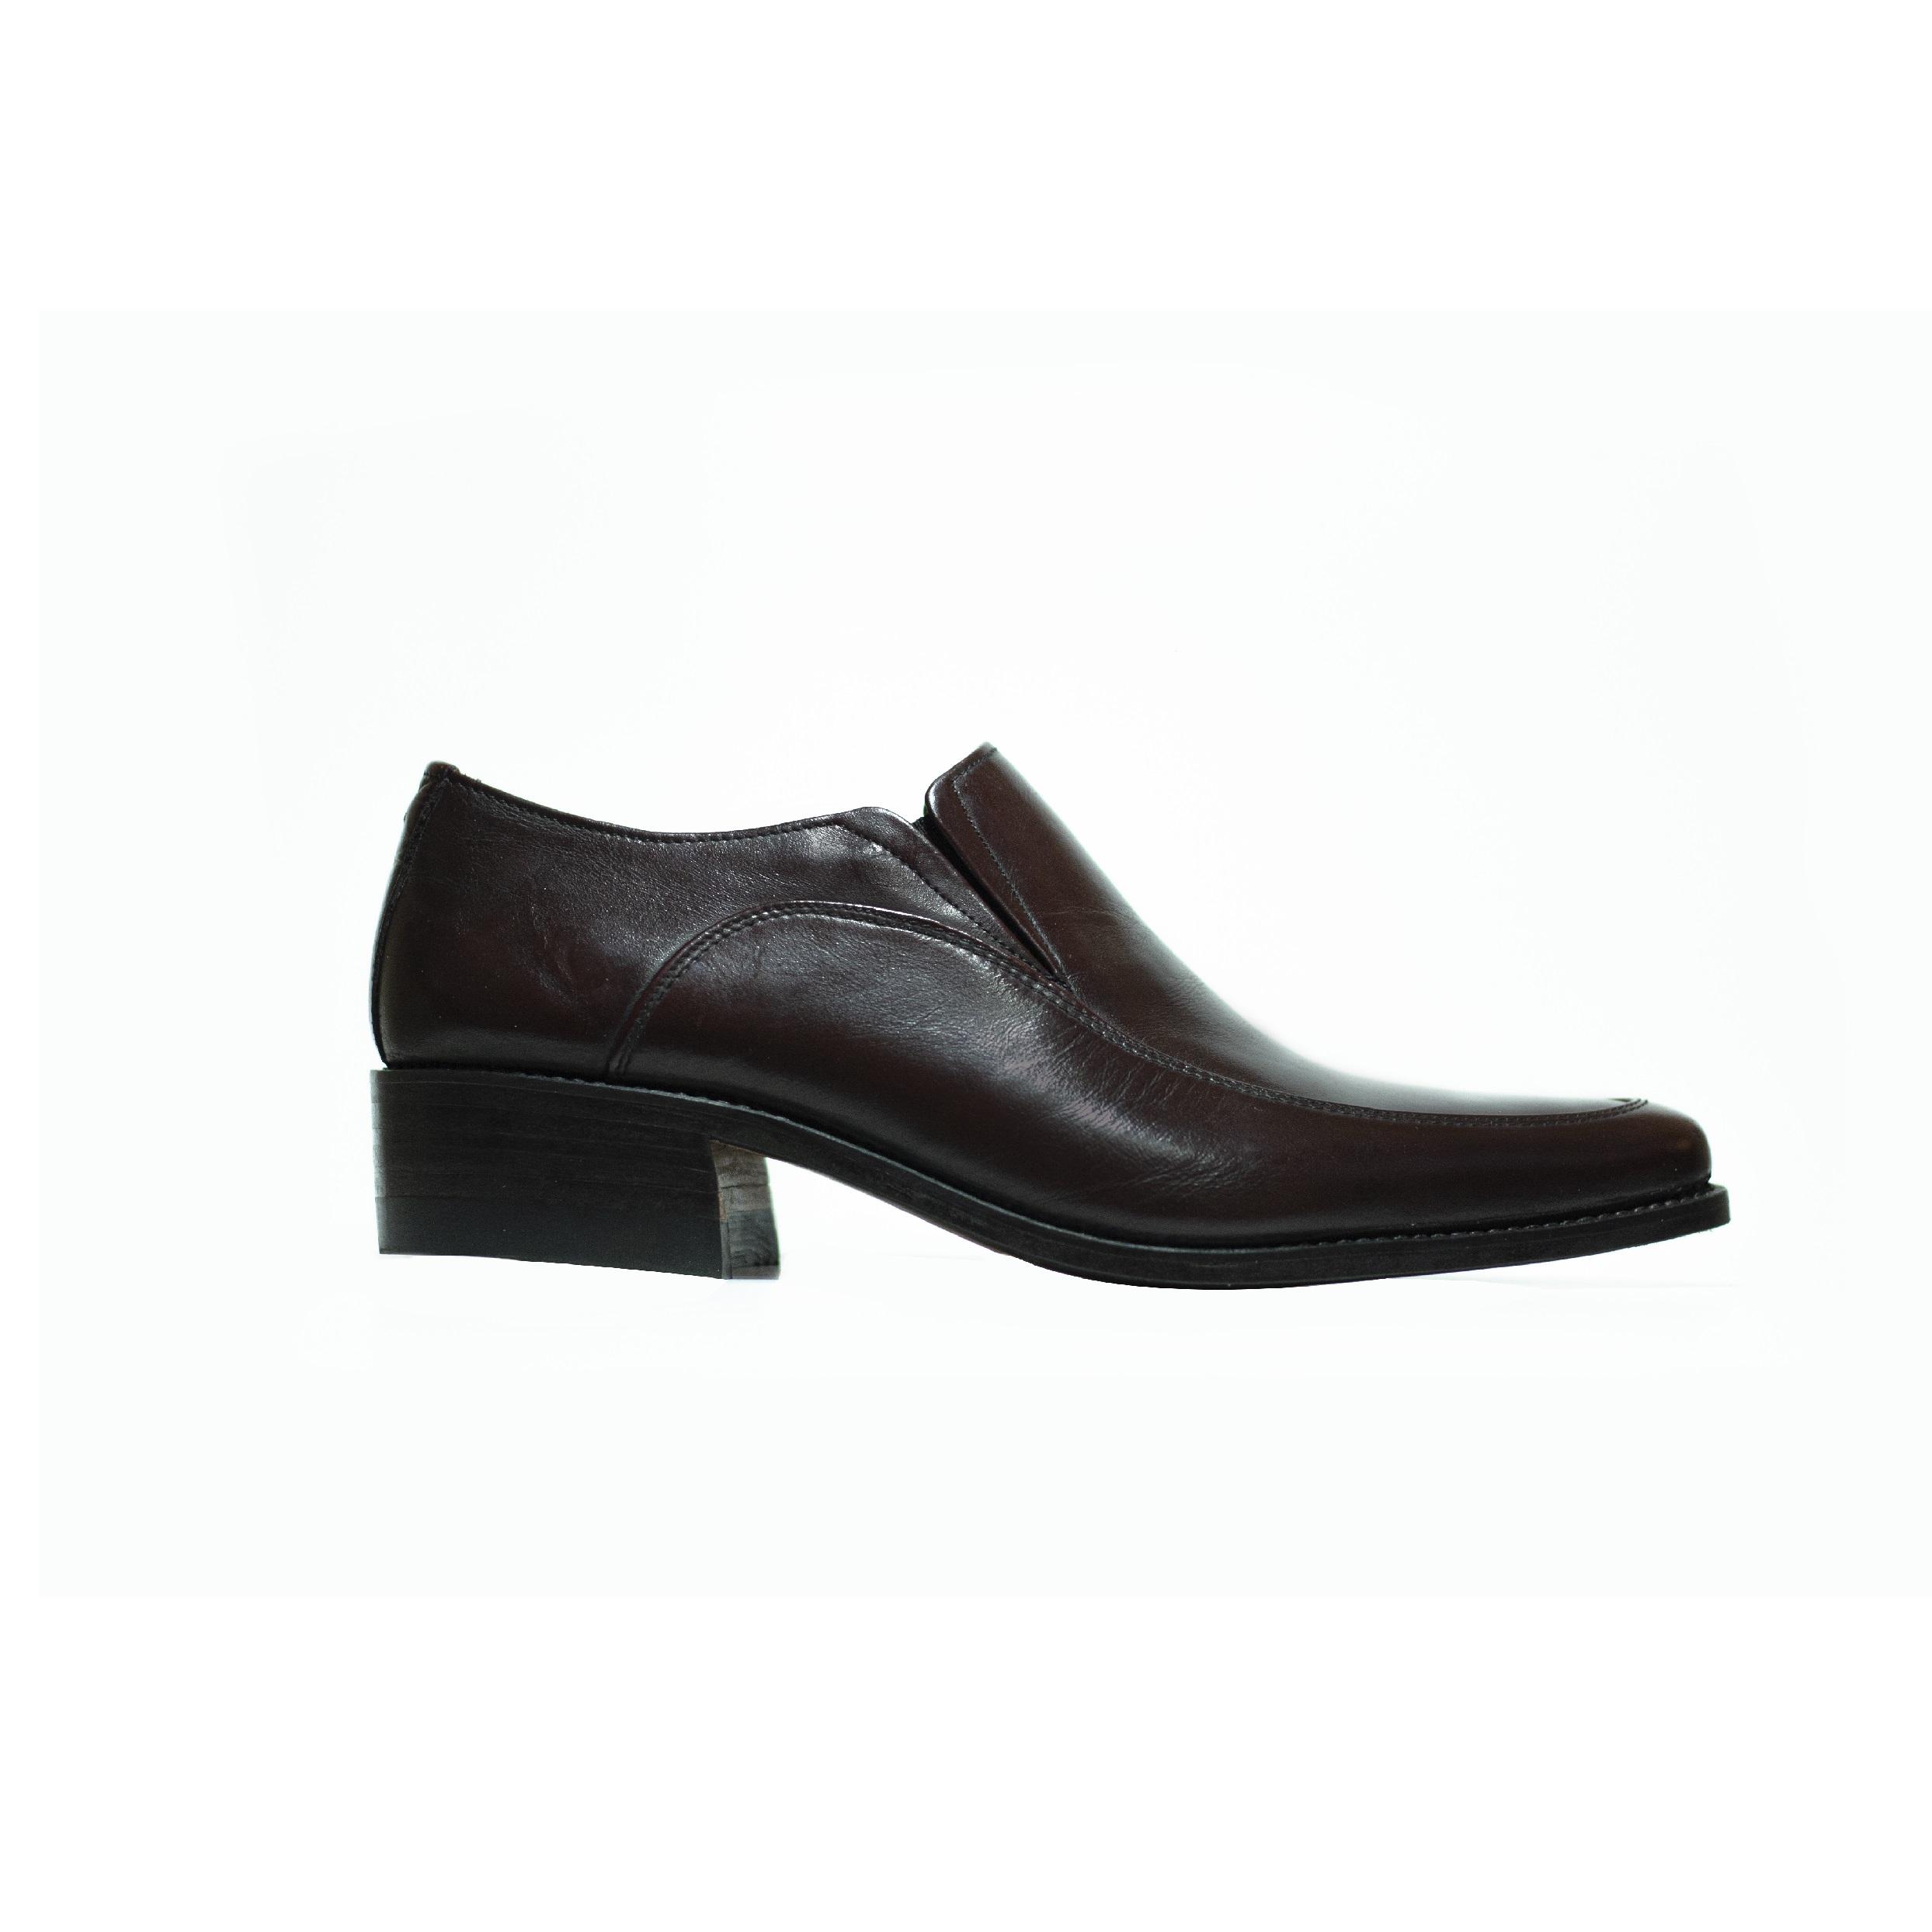 کفش مردانه کد 0003             , خرید اینترنتی